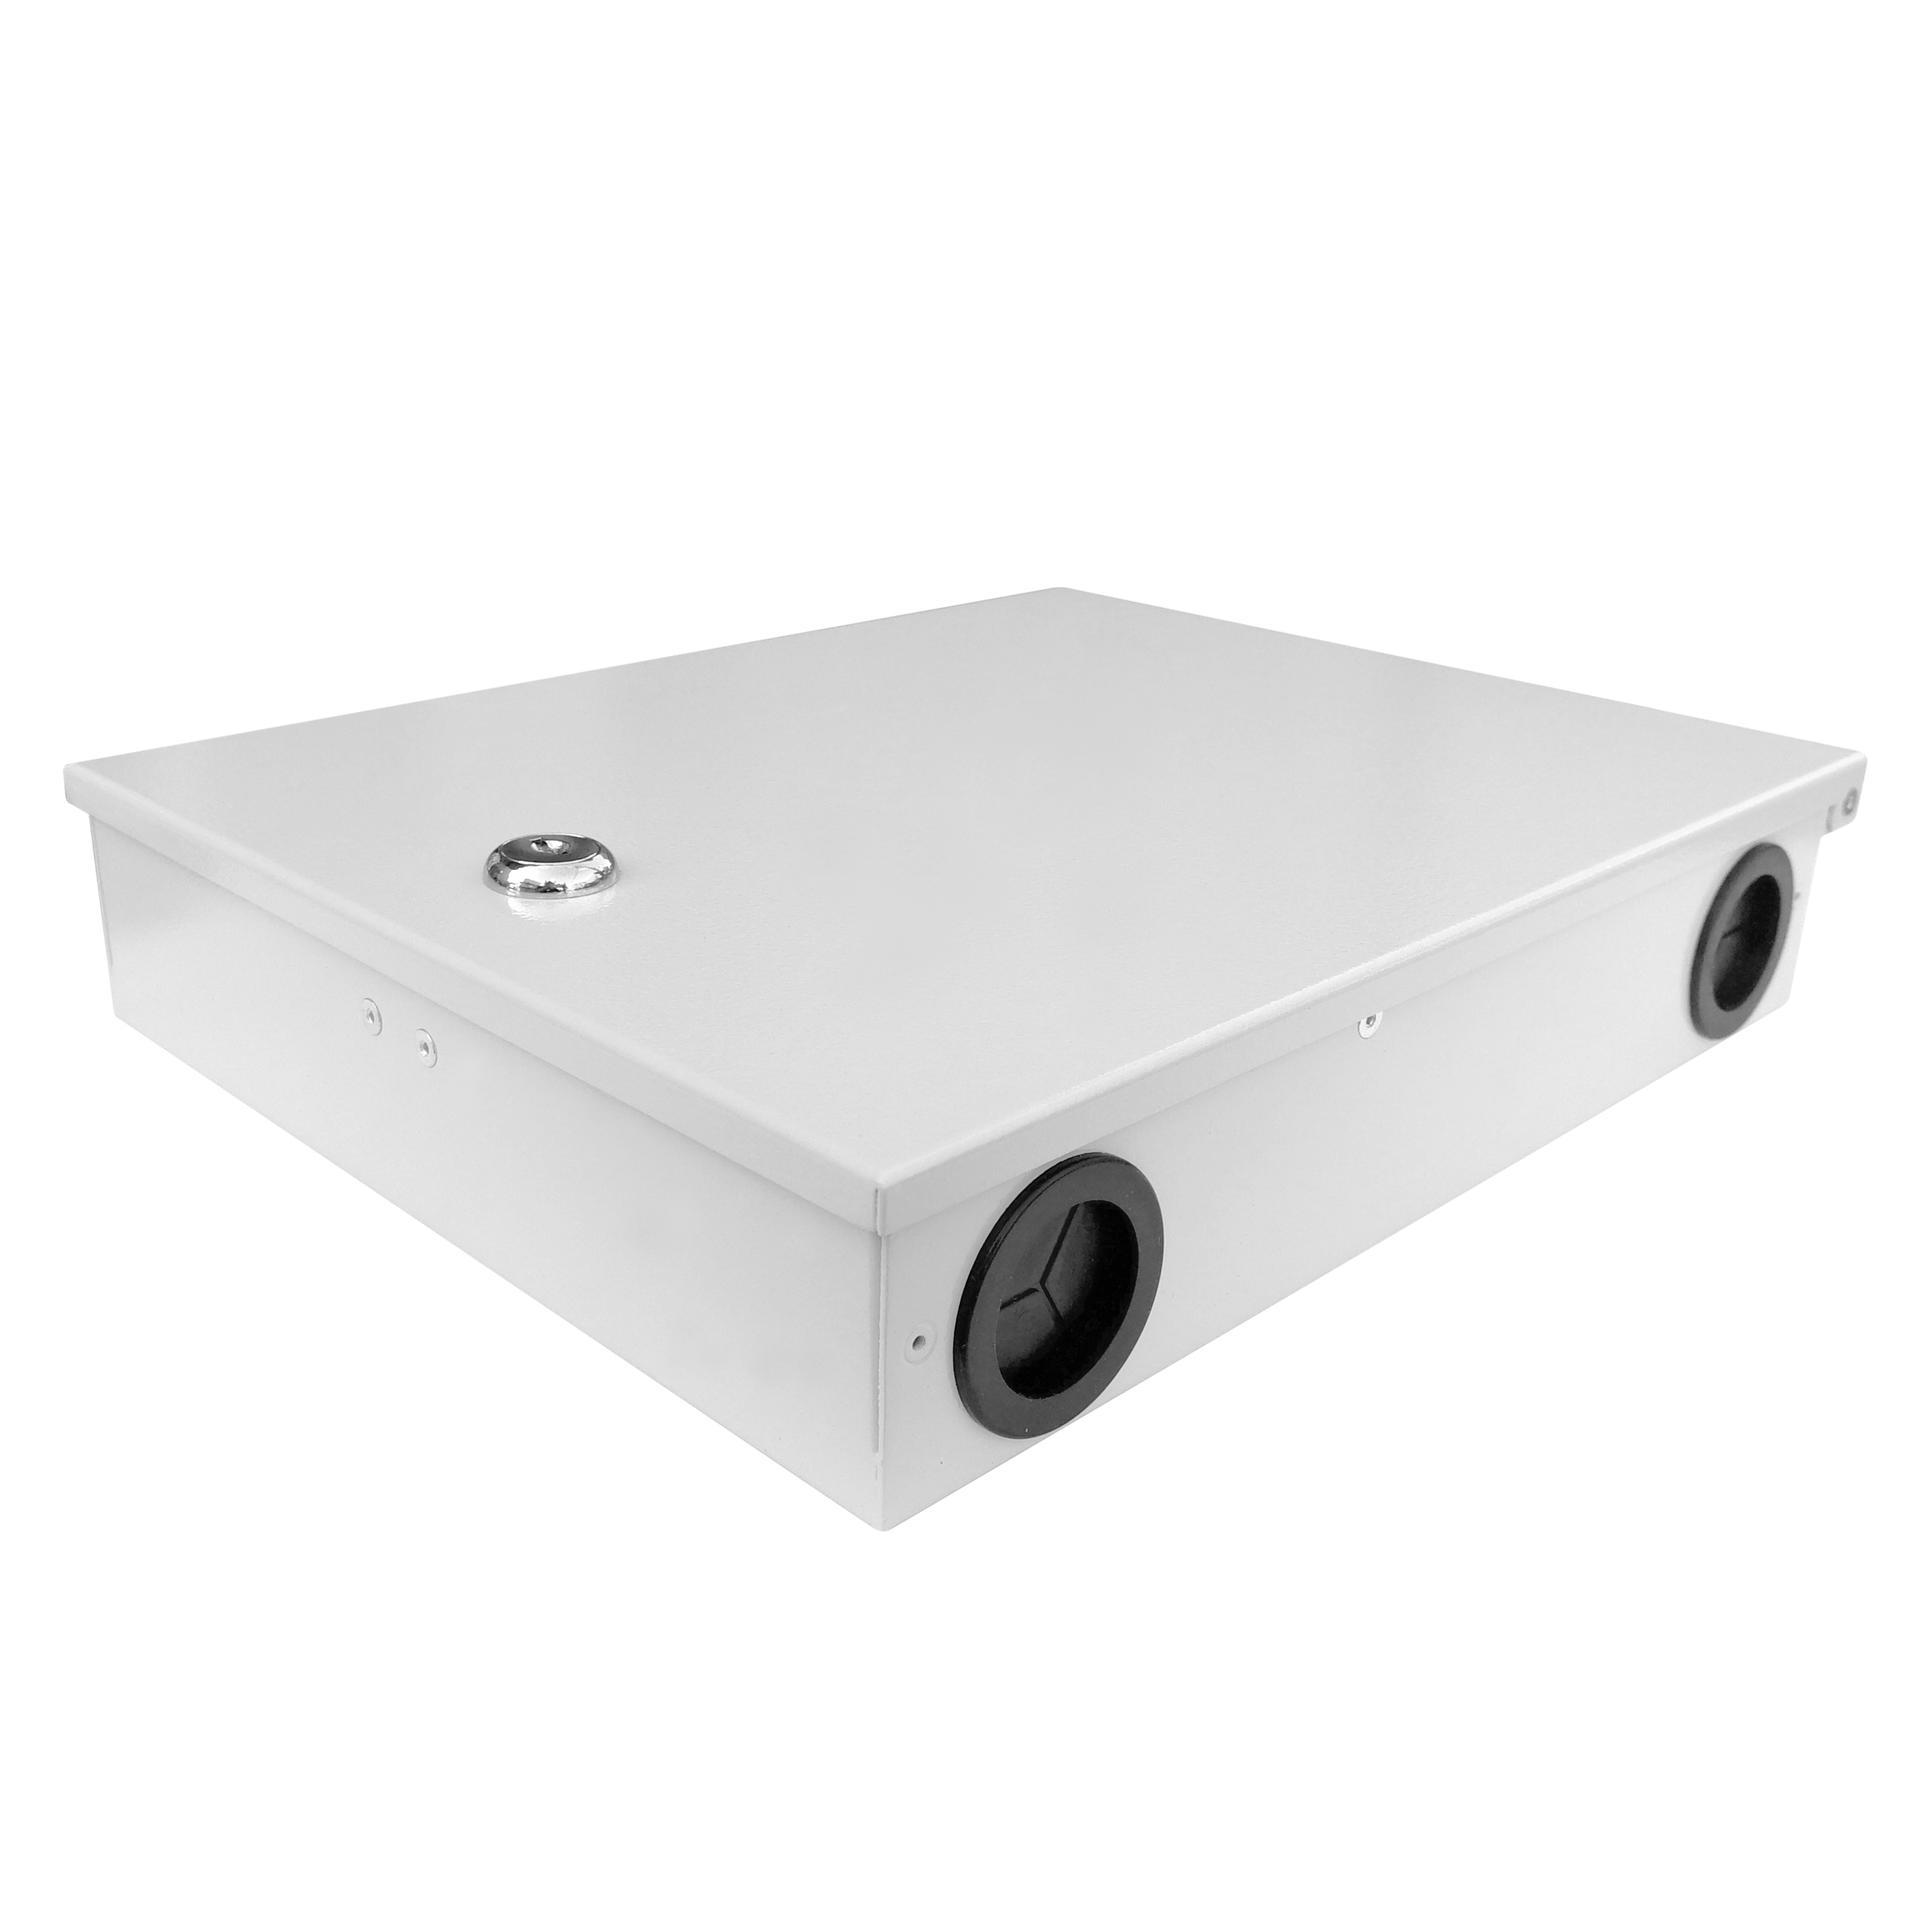 12 Port WODF Fiber Optic Distribution Box